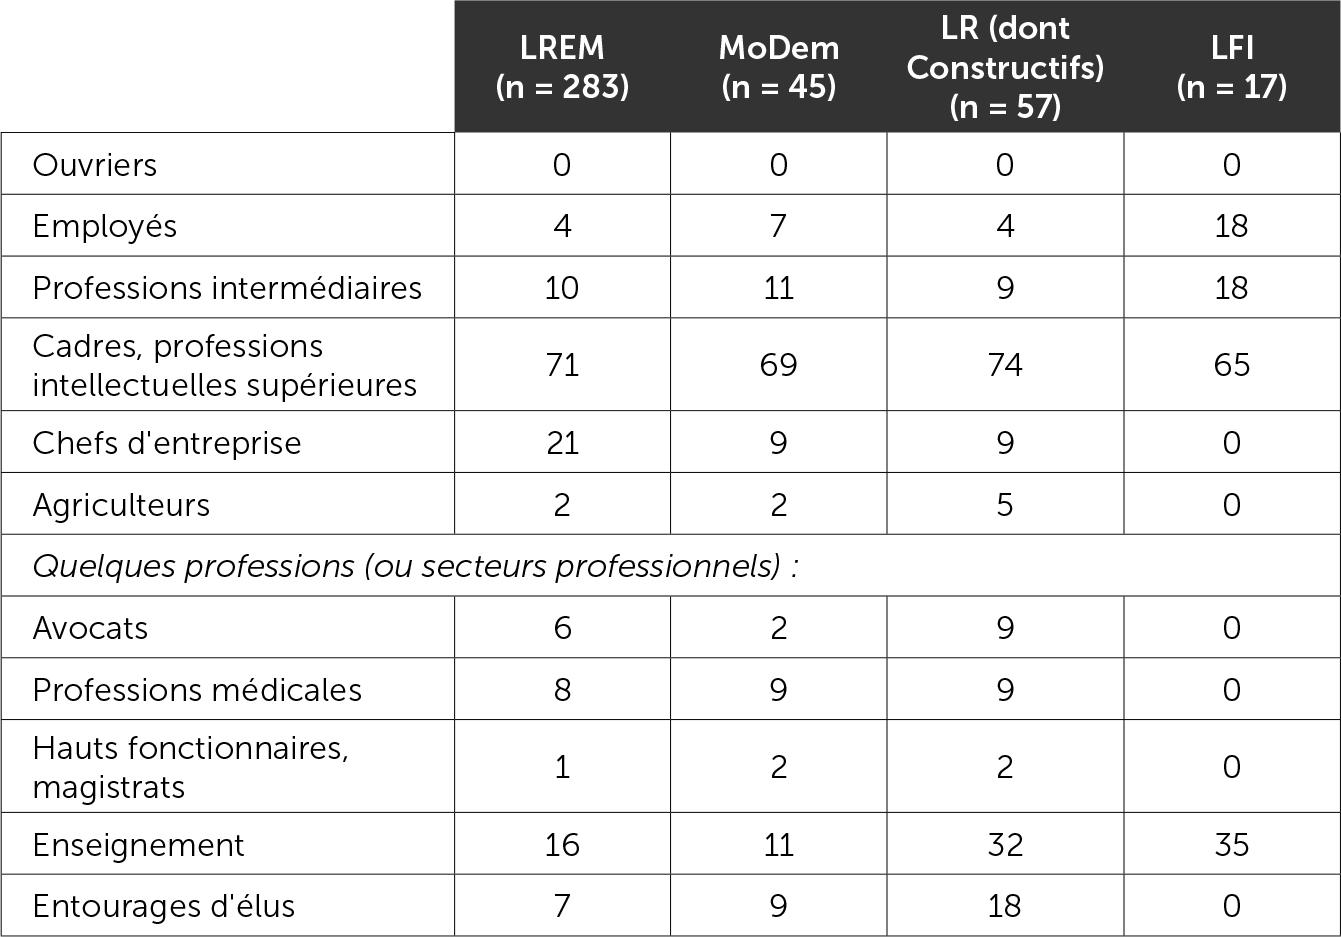 La répartition des primo-députés par catégorie socio-professionelle et par groupe politique (en % des primo-députés)